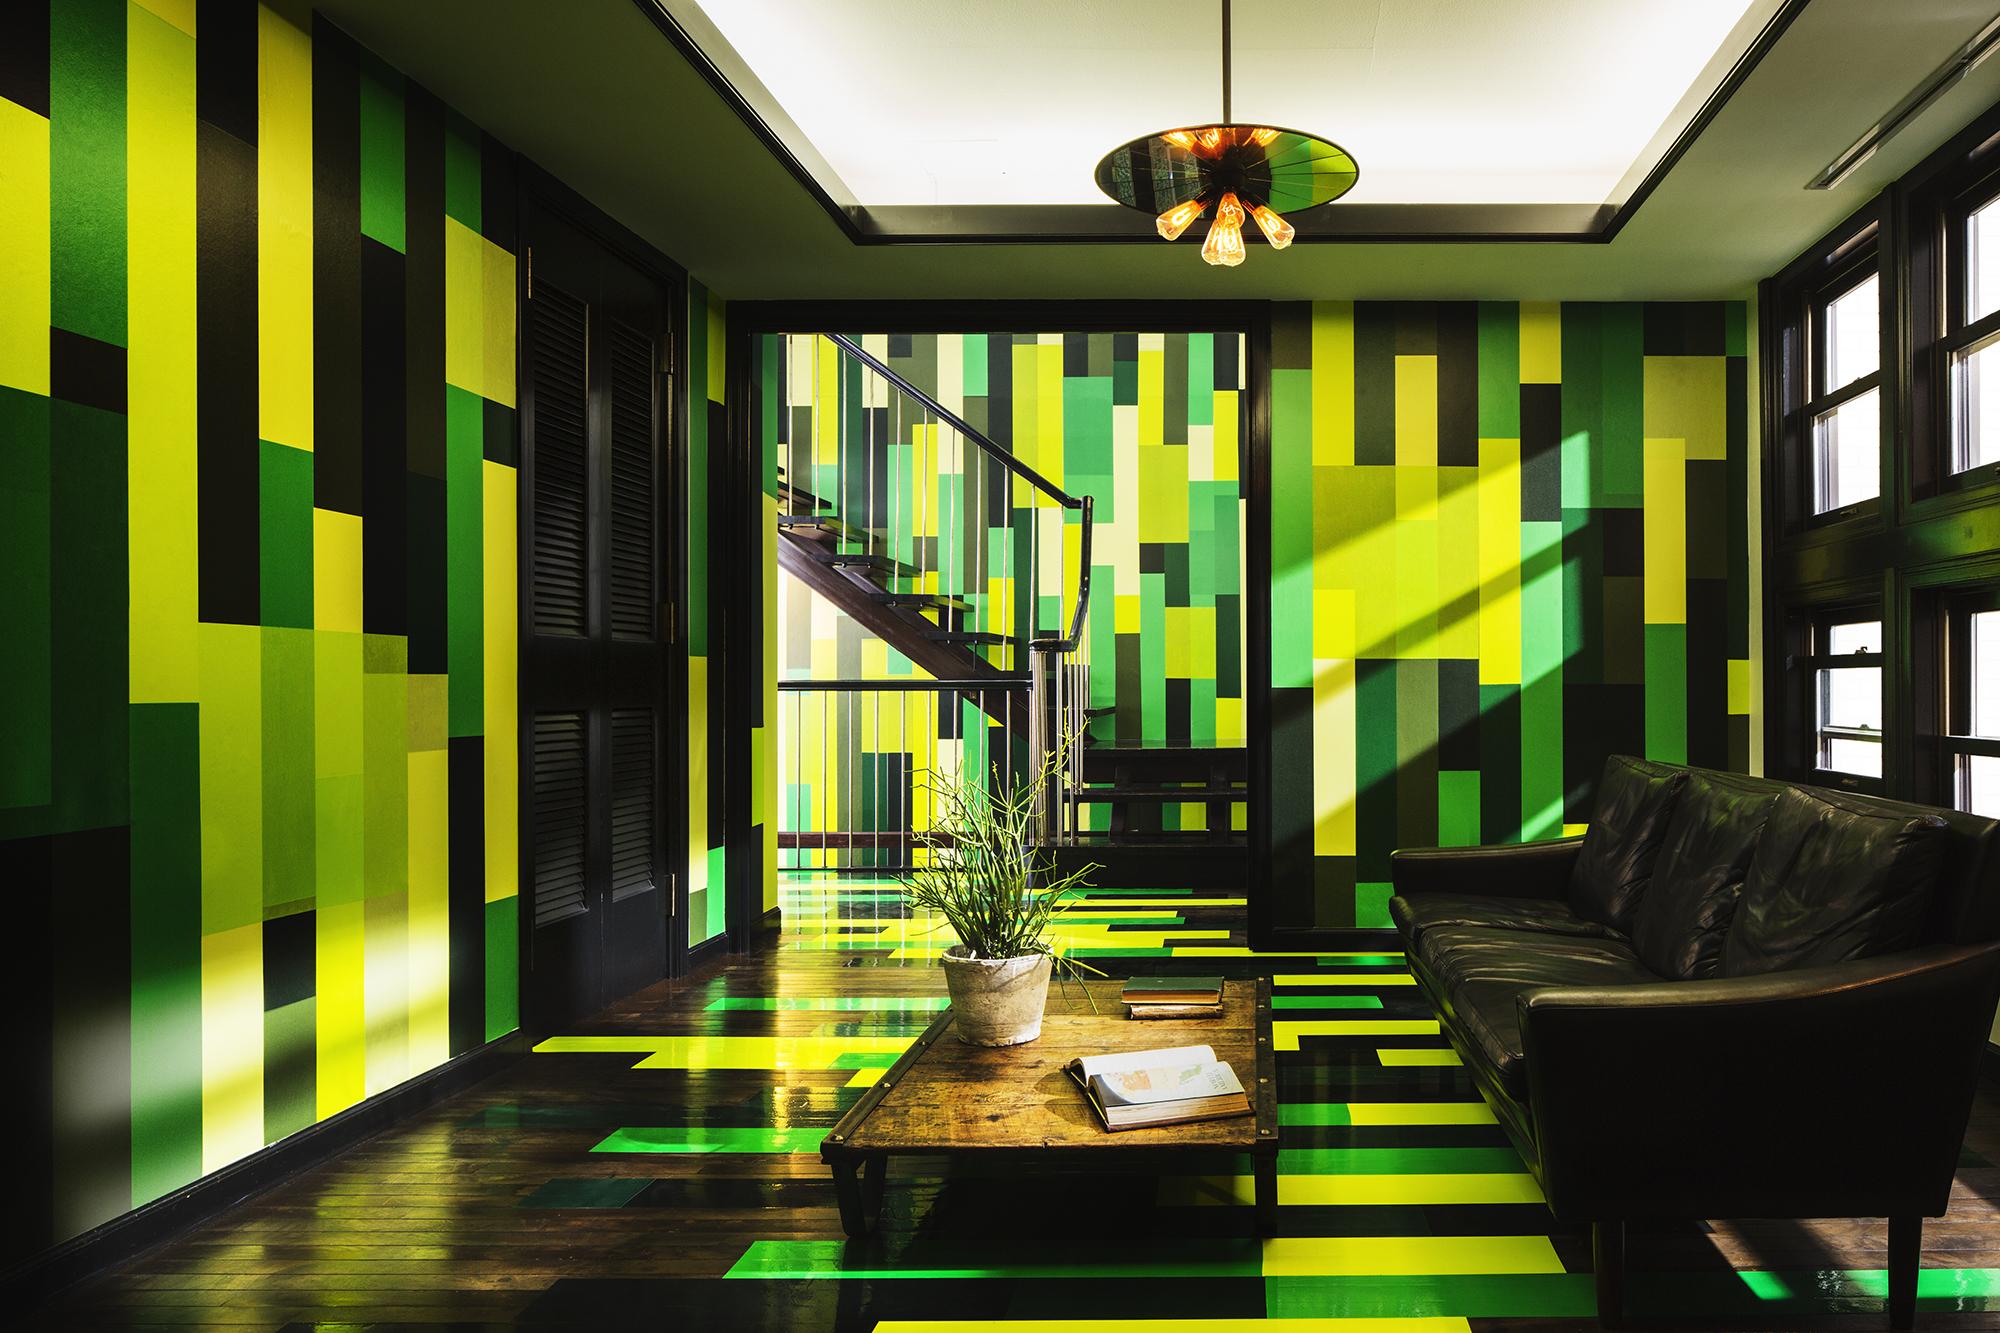 HARU_Stuck-on_design_Wall_Room_Interior_tapes.jpg